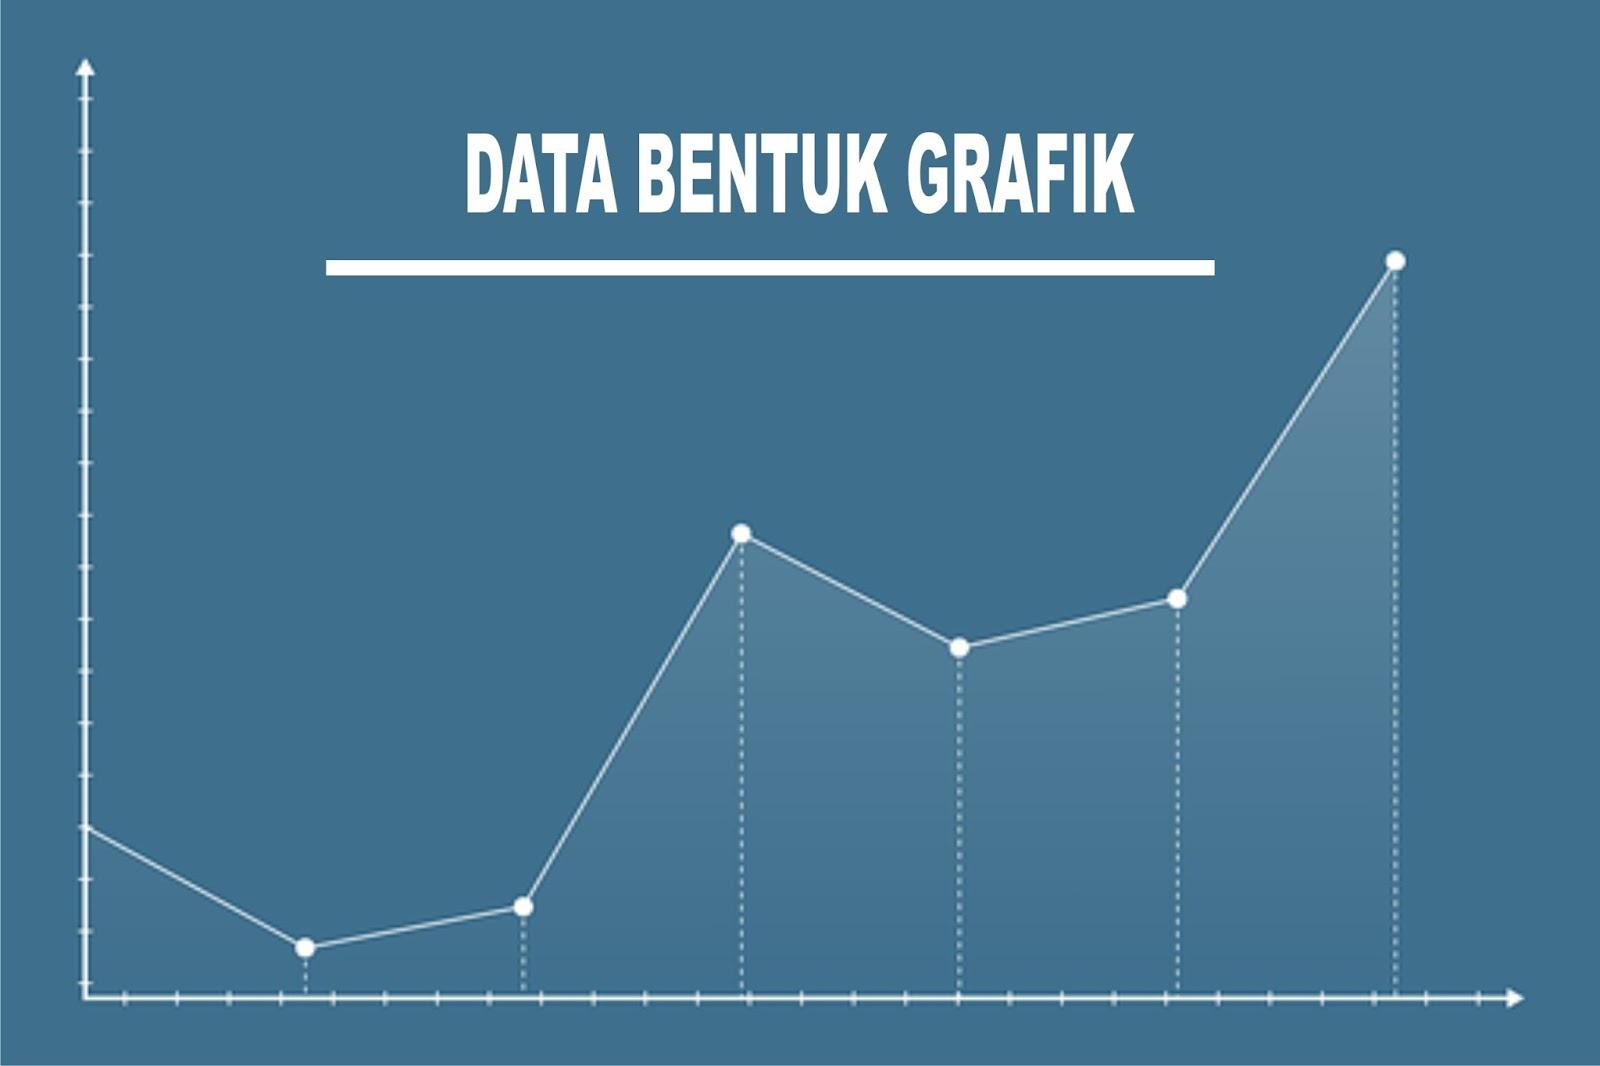 5 macam grafik paling mudah dalam menyajikan data statistika atau 5 macam grafik paling mudah dalam menyajikan data statistika atau penelitian ccuart Choice Image